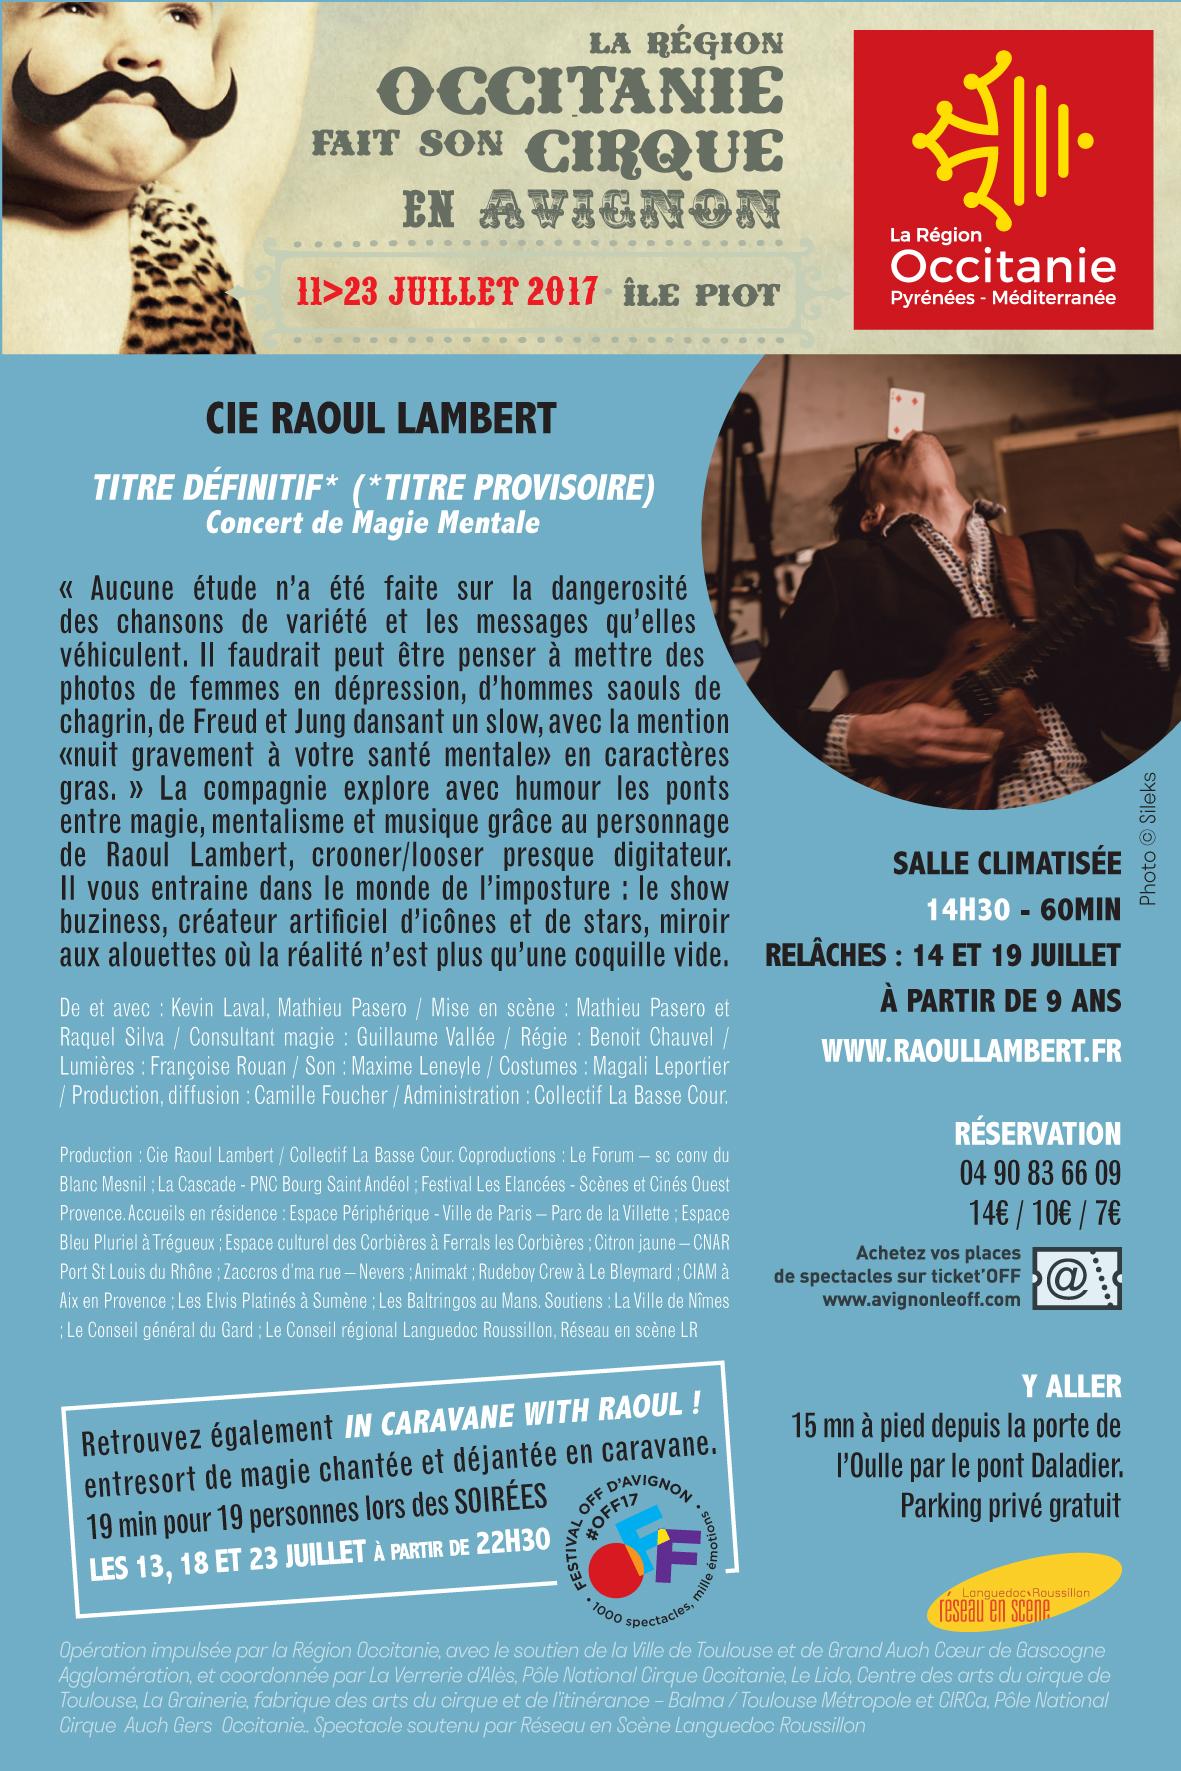 10-23 juillet / « Occitanie fait son cirque en Avignon » – Ile Piot – à 14H30 – (relâches les 14 & 19 juillet) – version salle climatisée ! – résa : 04 90 83 66 09 / infos : http://www.polecirqueverrerie.com/avignon/